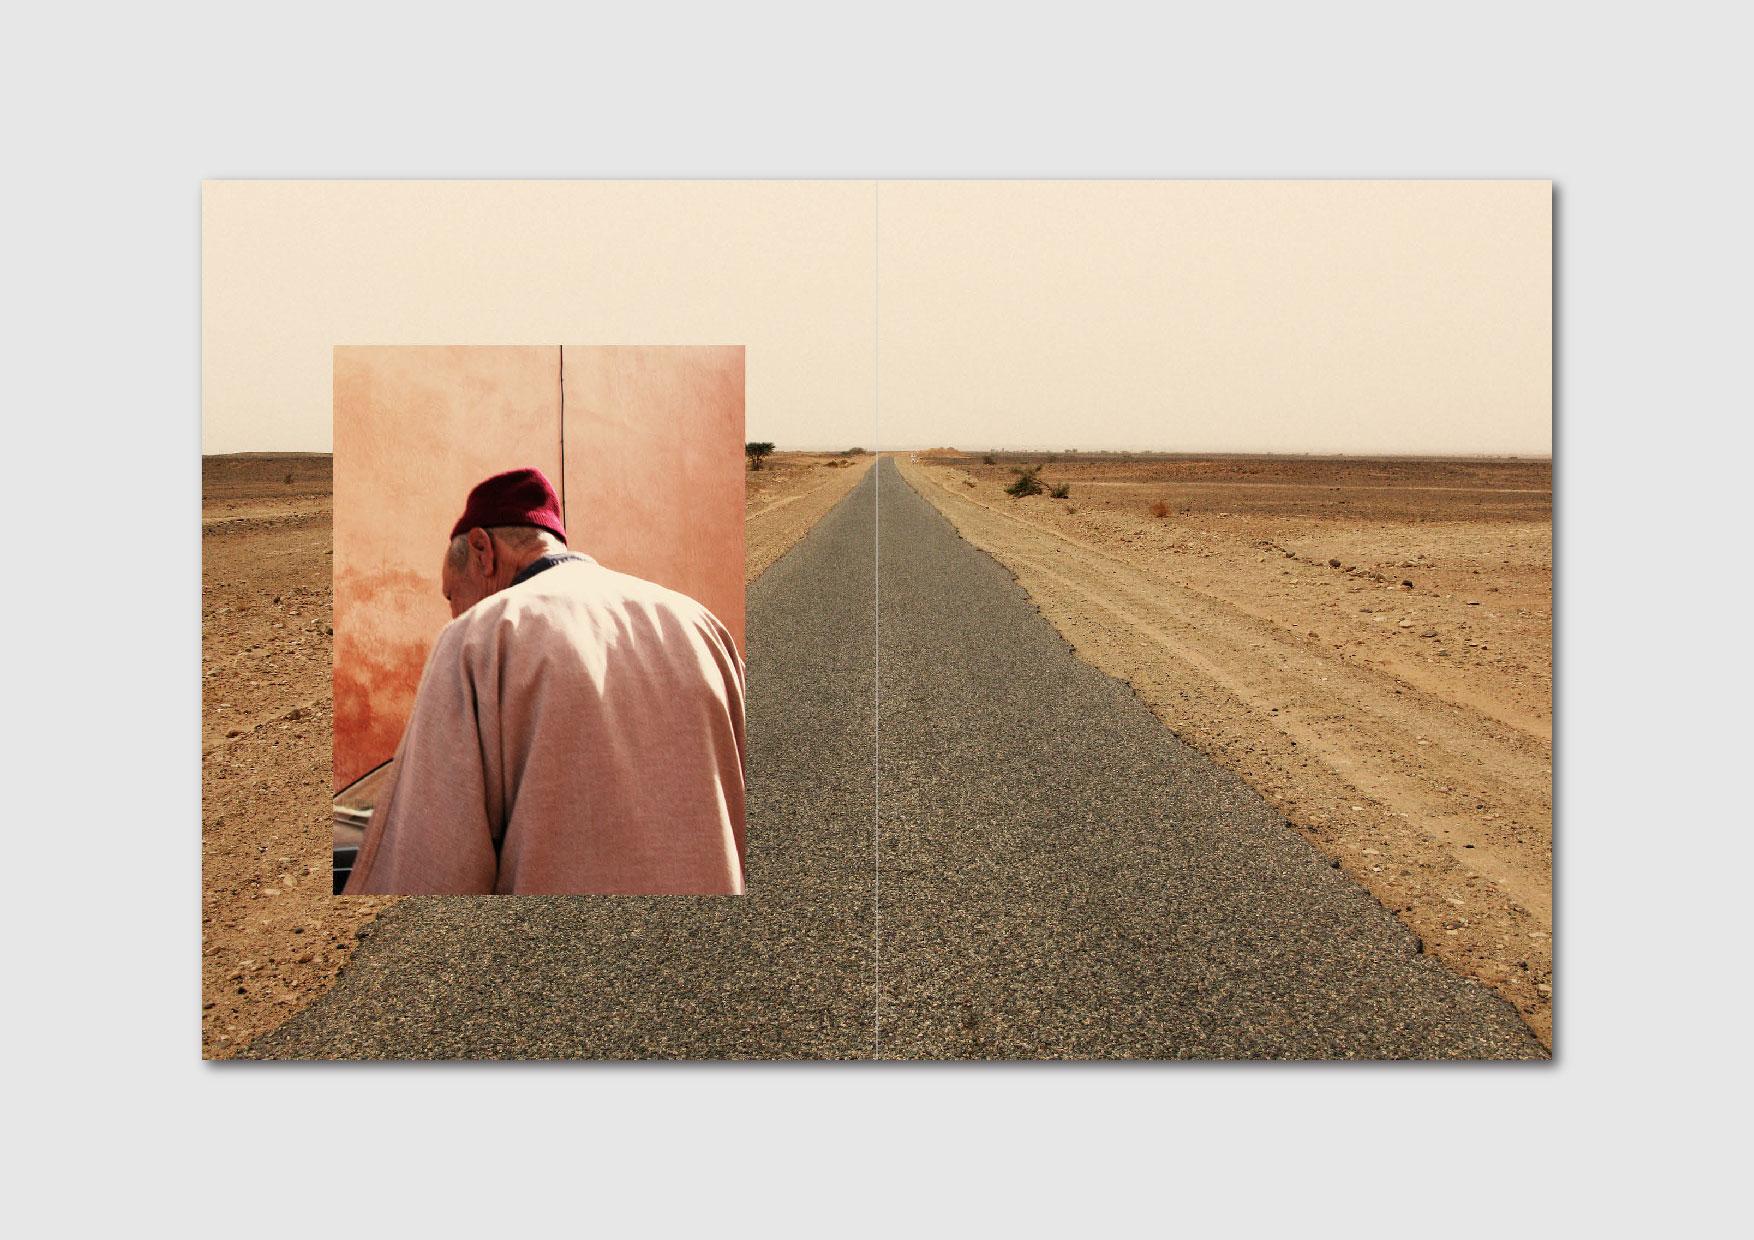 Deserto: photo series by Duda Carvalho